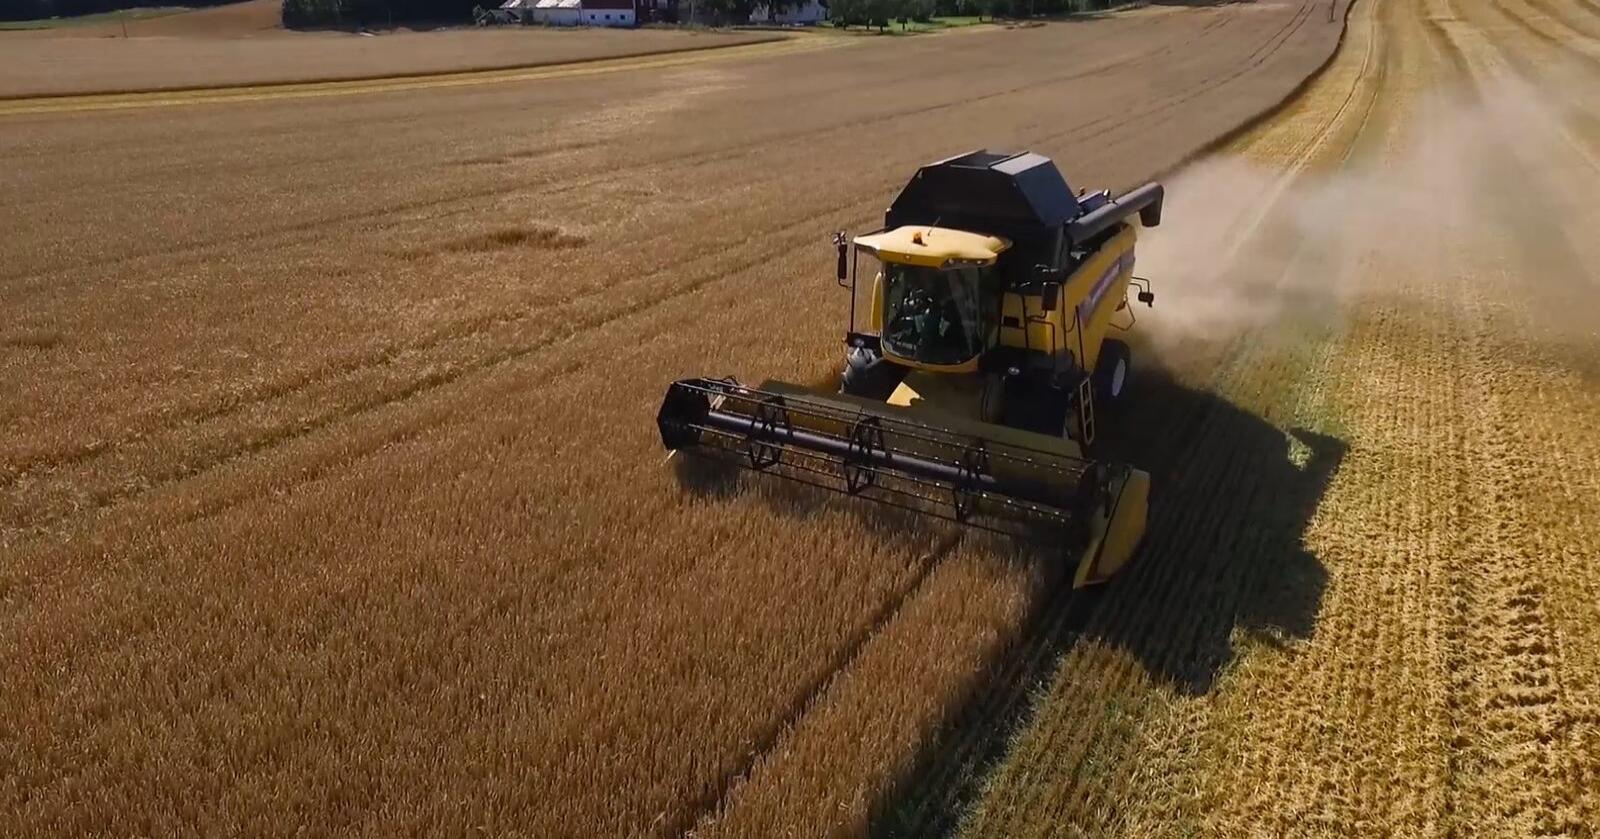 KrF var for beredskapslagring av korn fram til de ble med i Solberg-regjeringen. De aksepterte likevel å droppe dette, mot å få mer bistandspenger. Bildet er fra Borge i Fredrikstad. (Foto: Marcus Gram-Hvidsten)